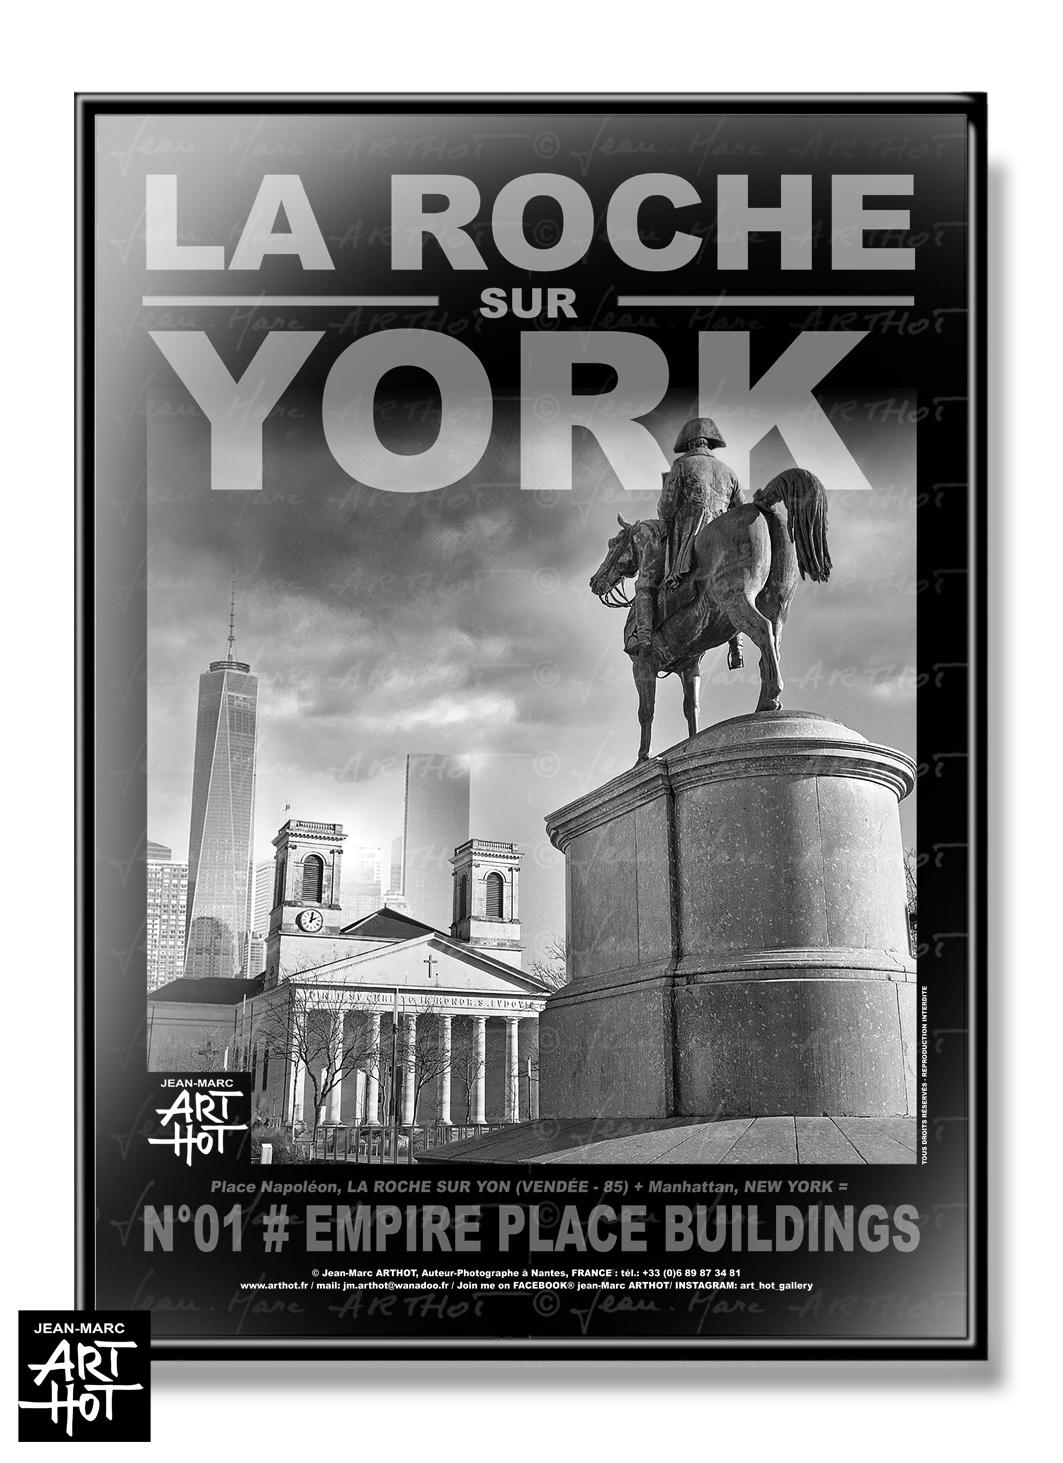 AFFICHE «LA ROCHE SUR YORK» - N°01-Empire Place Buildings